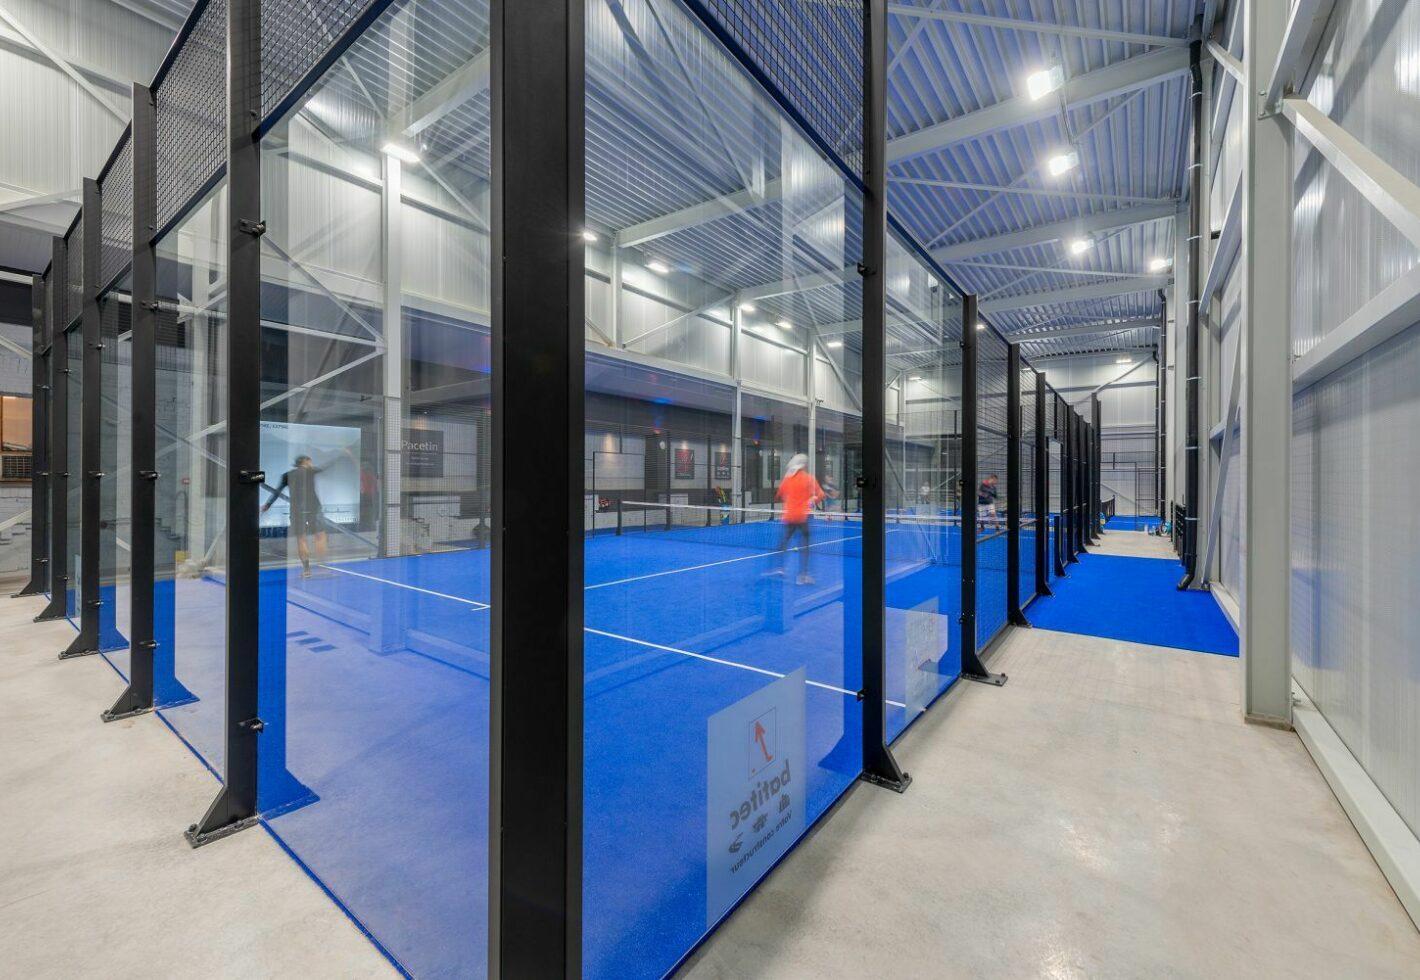 Squash 22 25 11 2019 8372